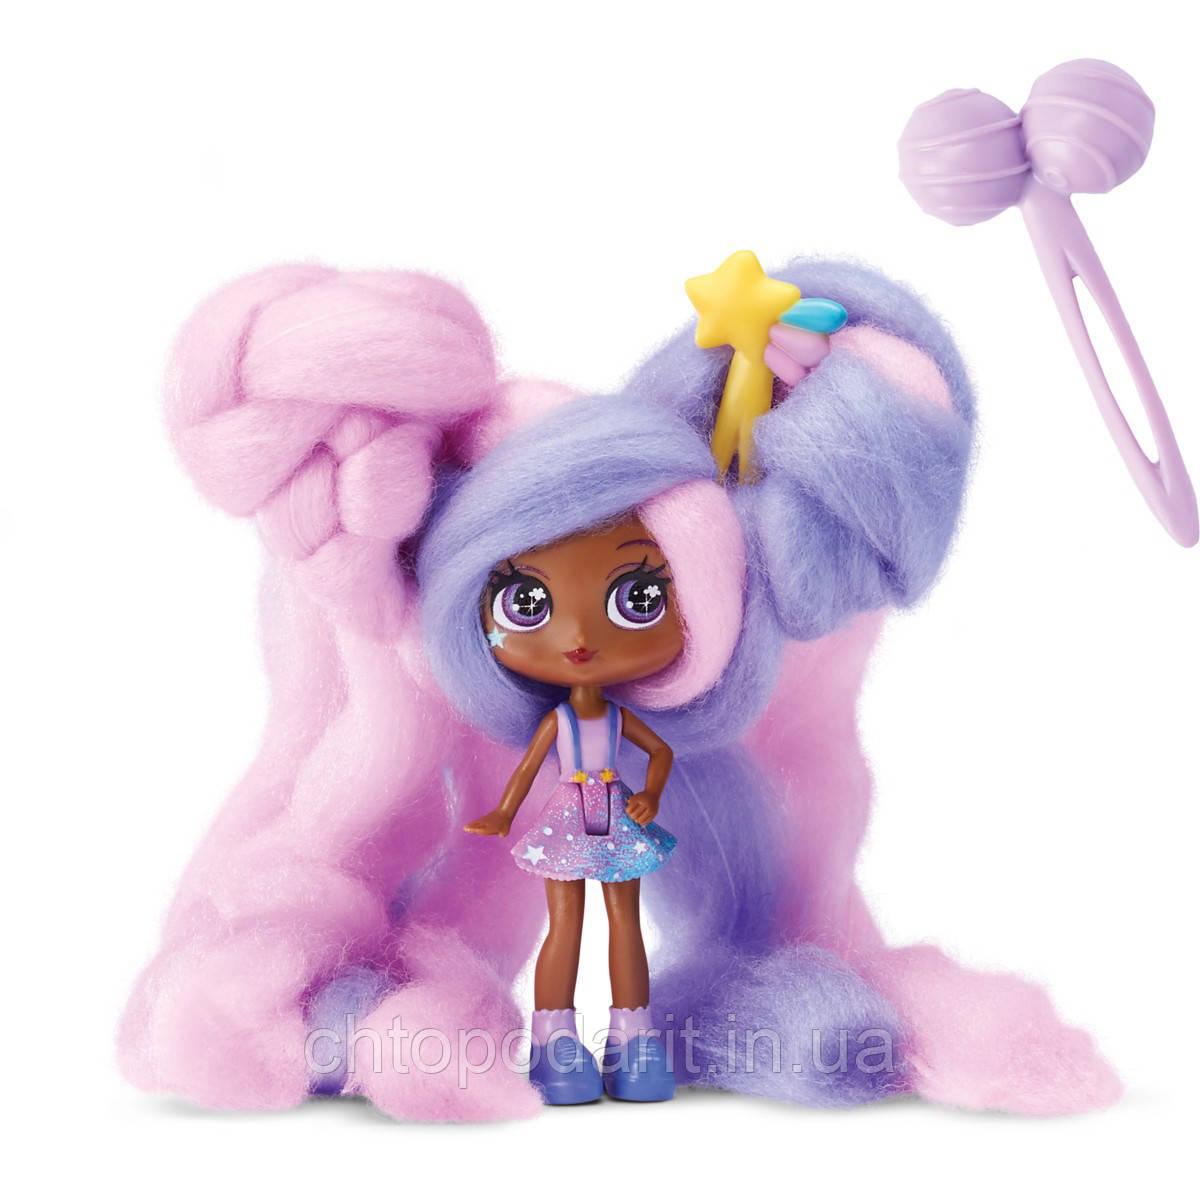 """Кукла """"Кендилукс сладкая вата"""" Candylocks с цветными волосами Код 12-1856"""